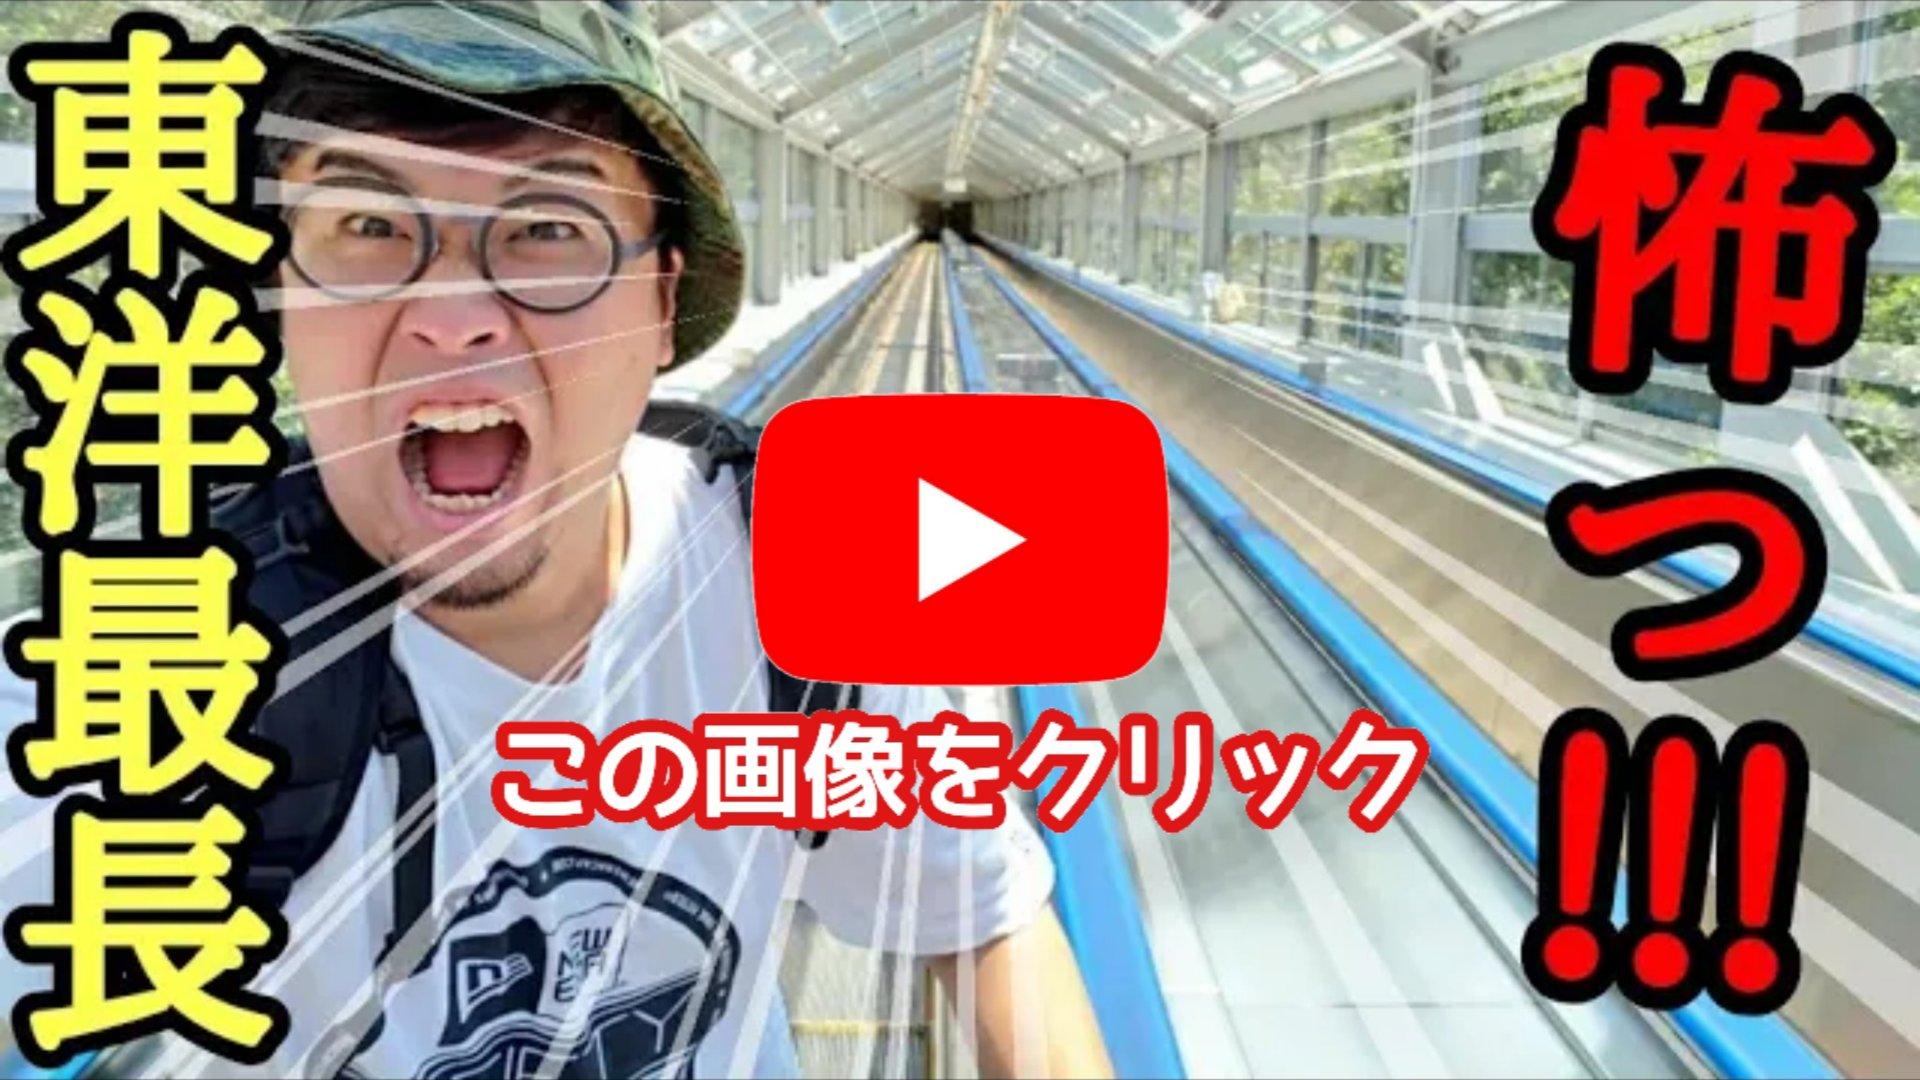 【エスカヒル・鳴門】東洋二番目に長いエスカレーター